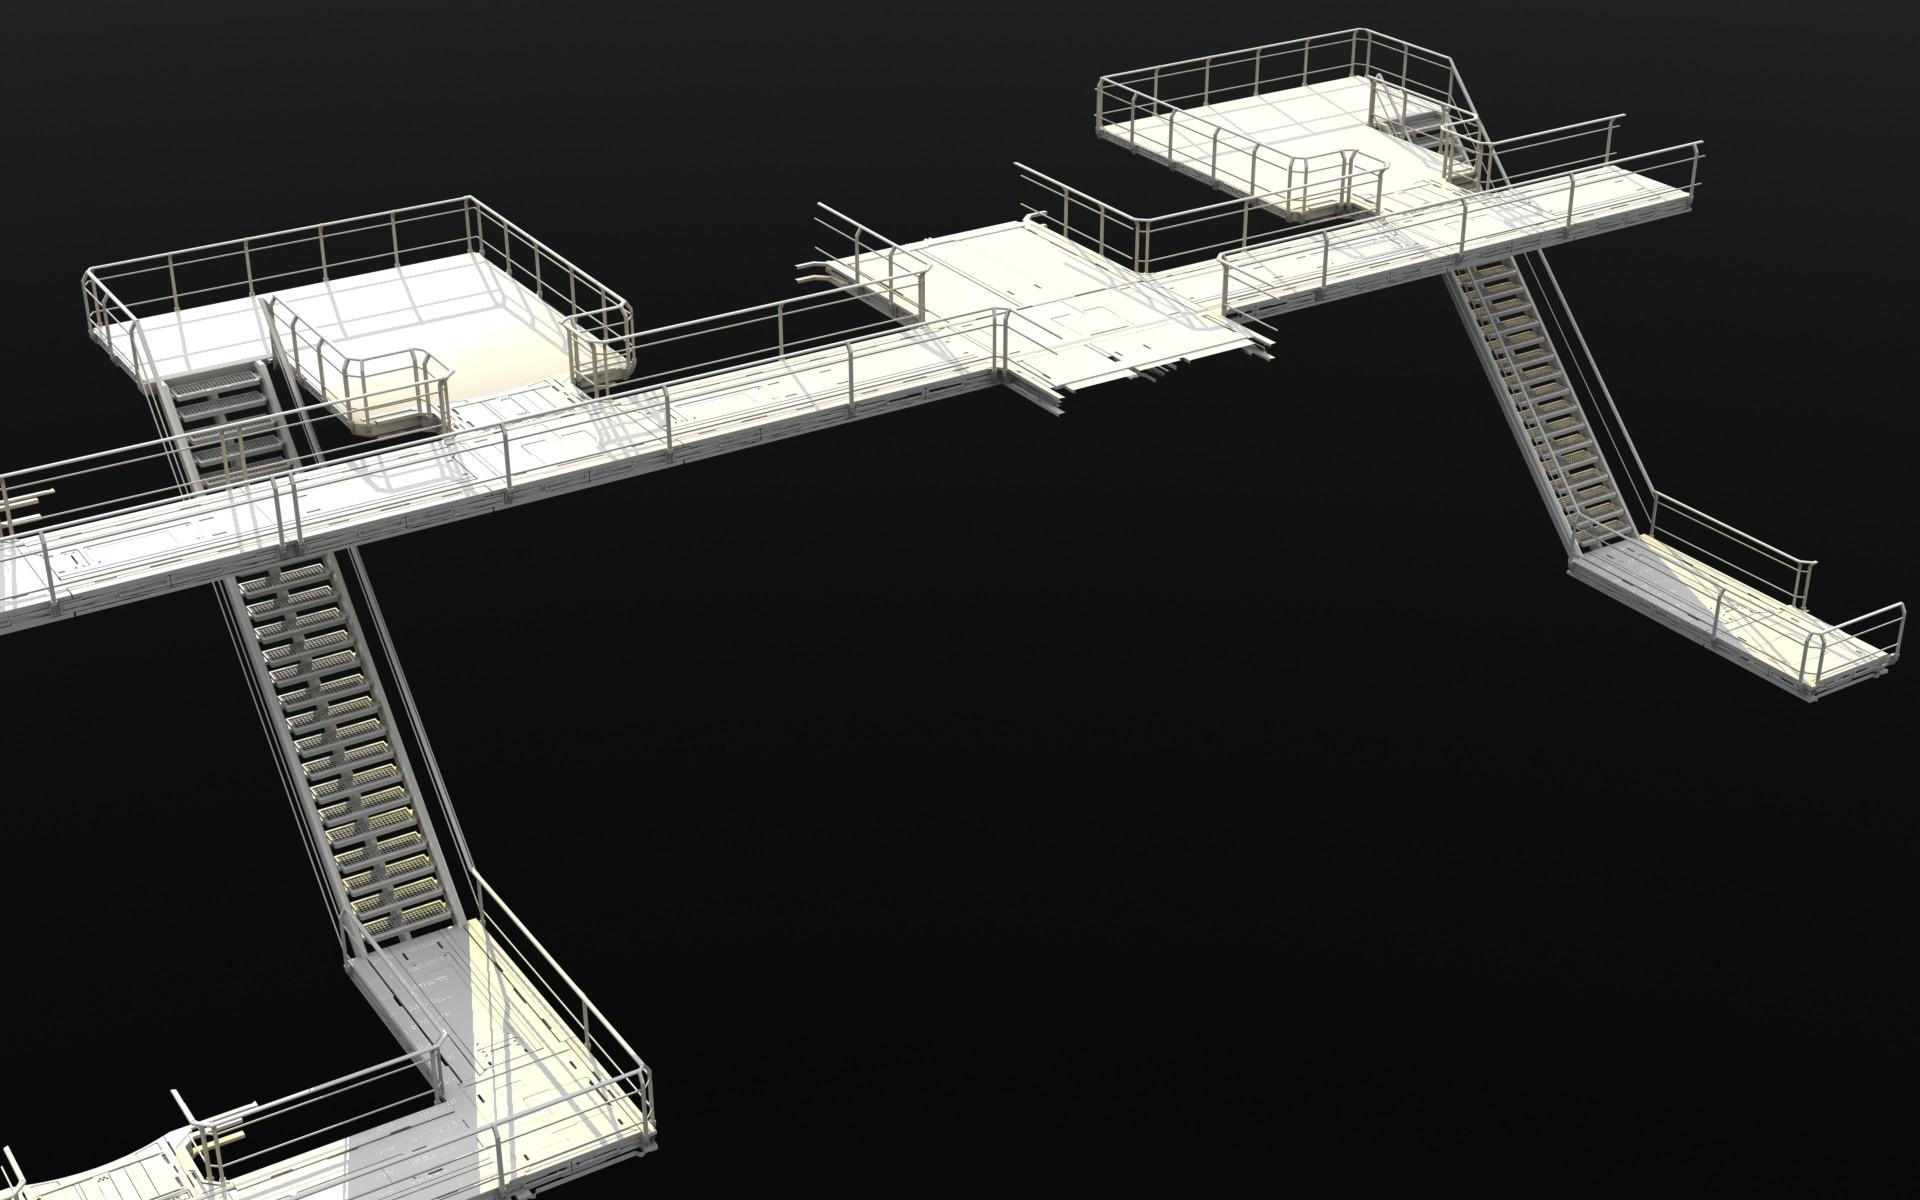 Roo macneill steps